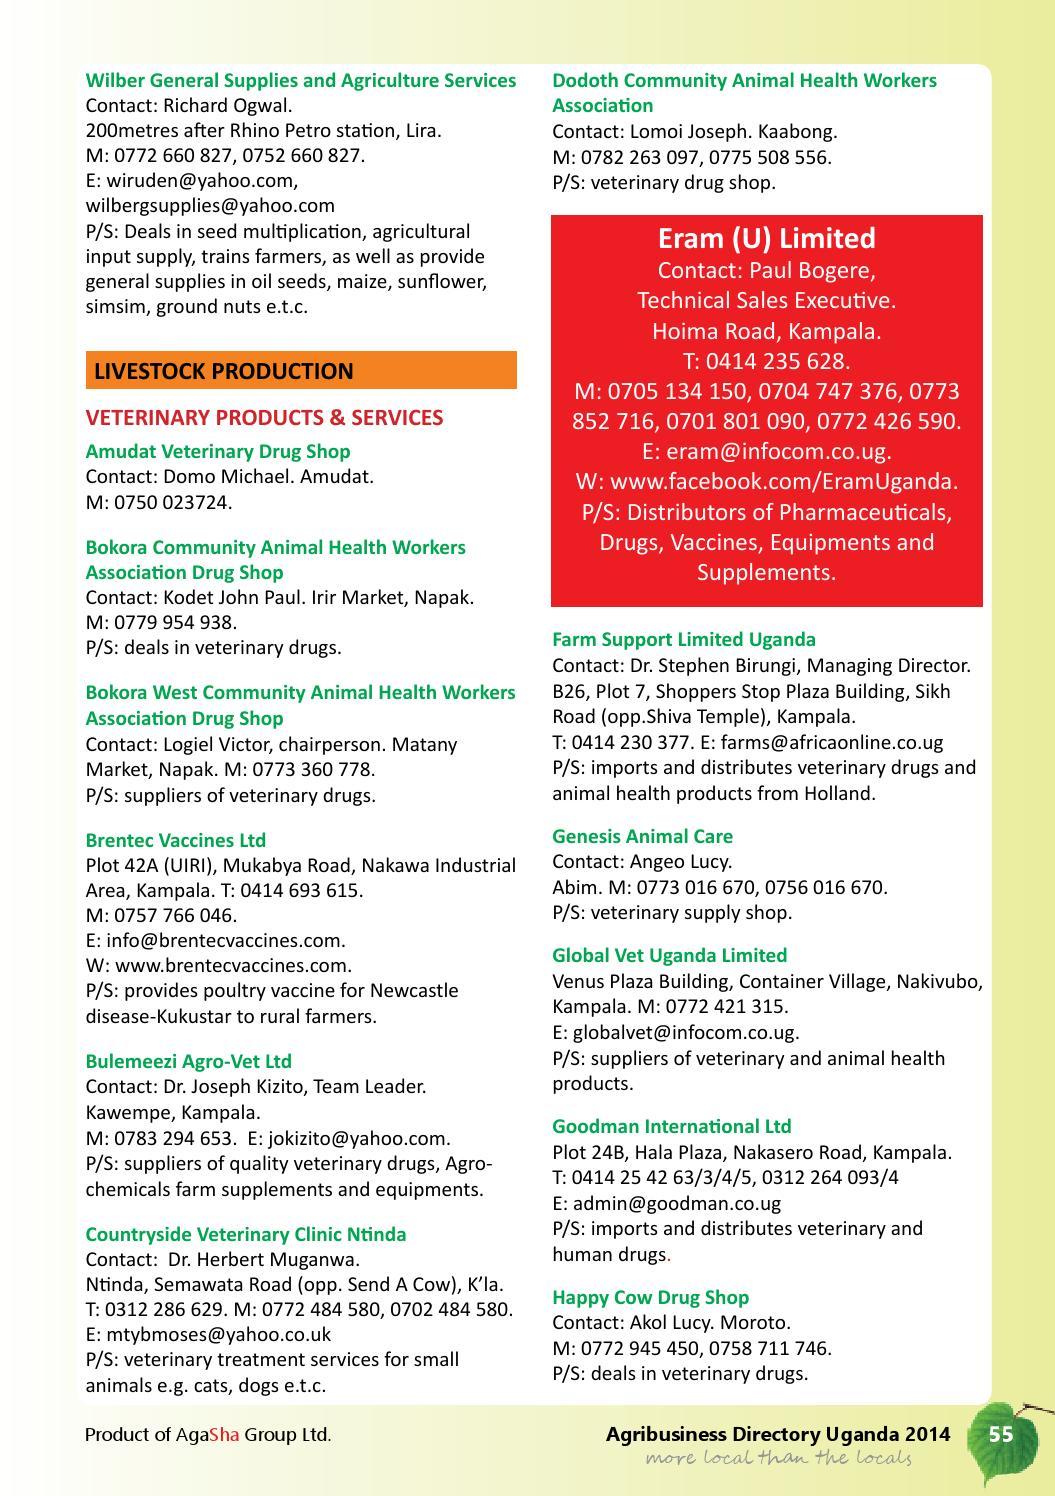 Uganda Agribusiness Directory 2014 by Agasha Group - issuu